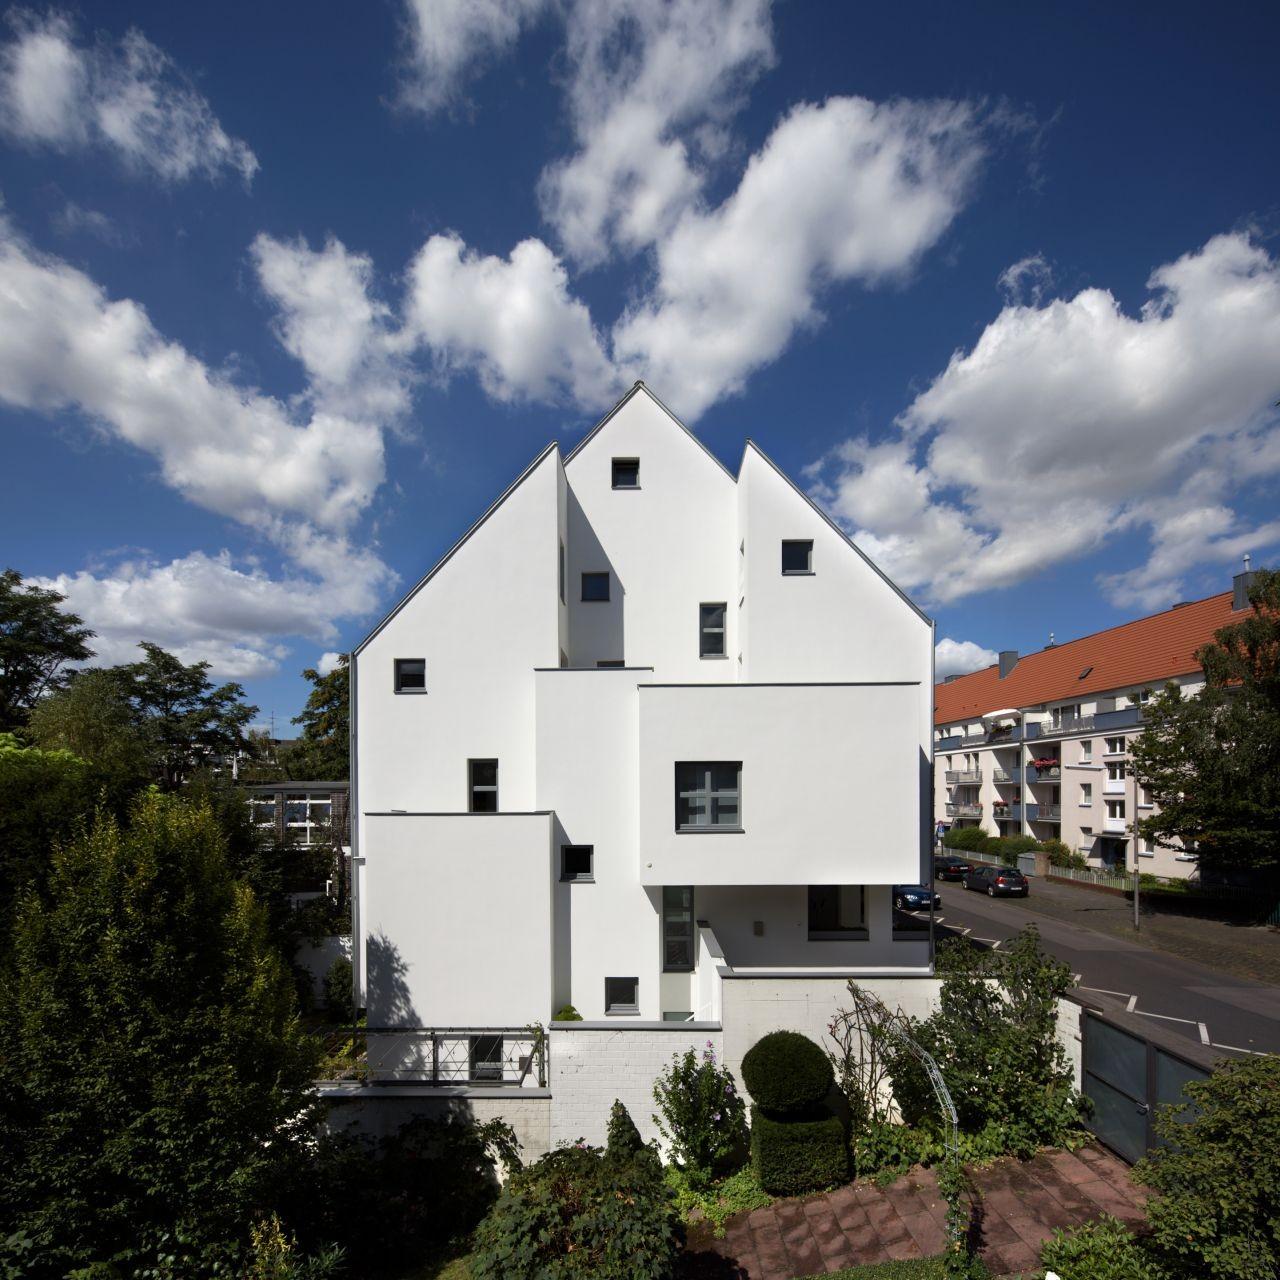 House KLR / archequipe, © Roland Unterbusch